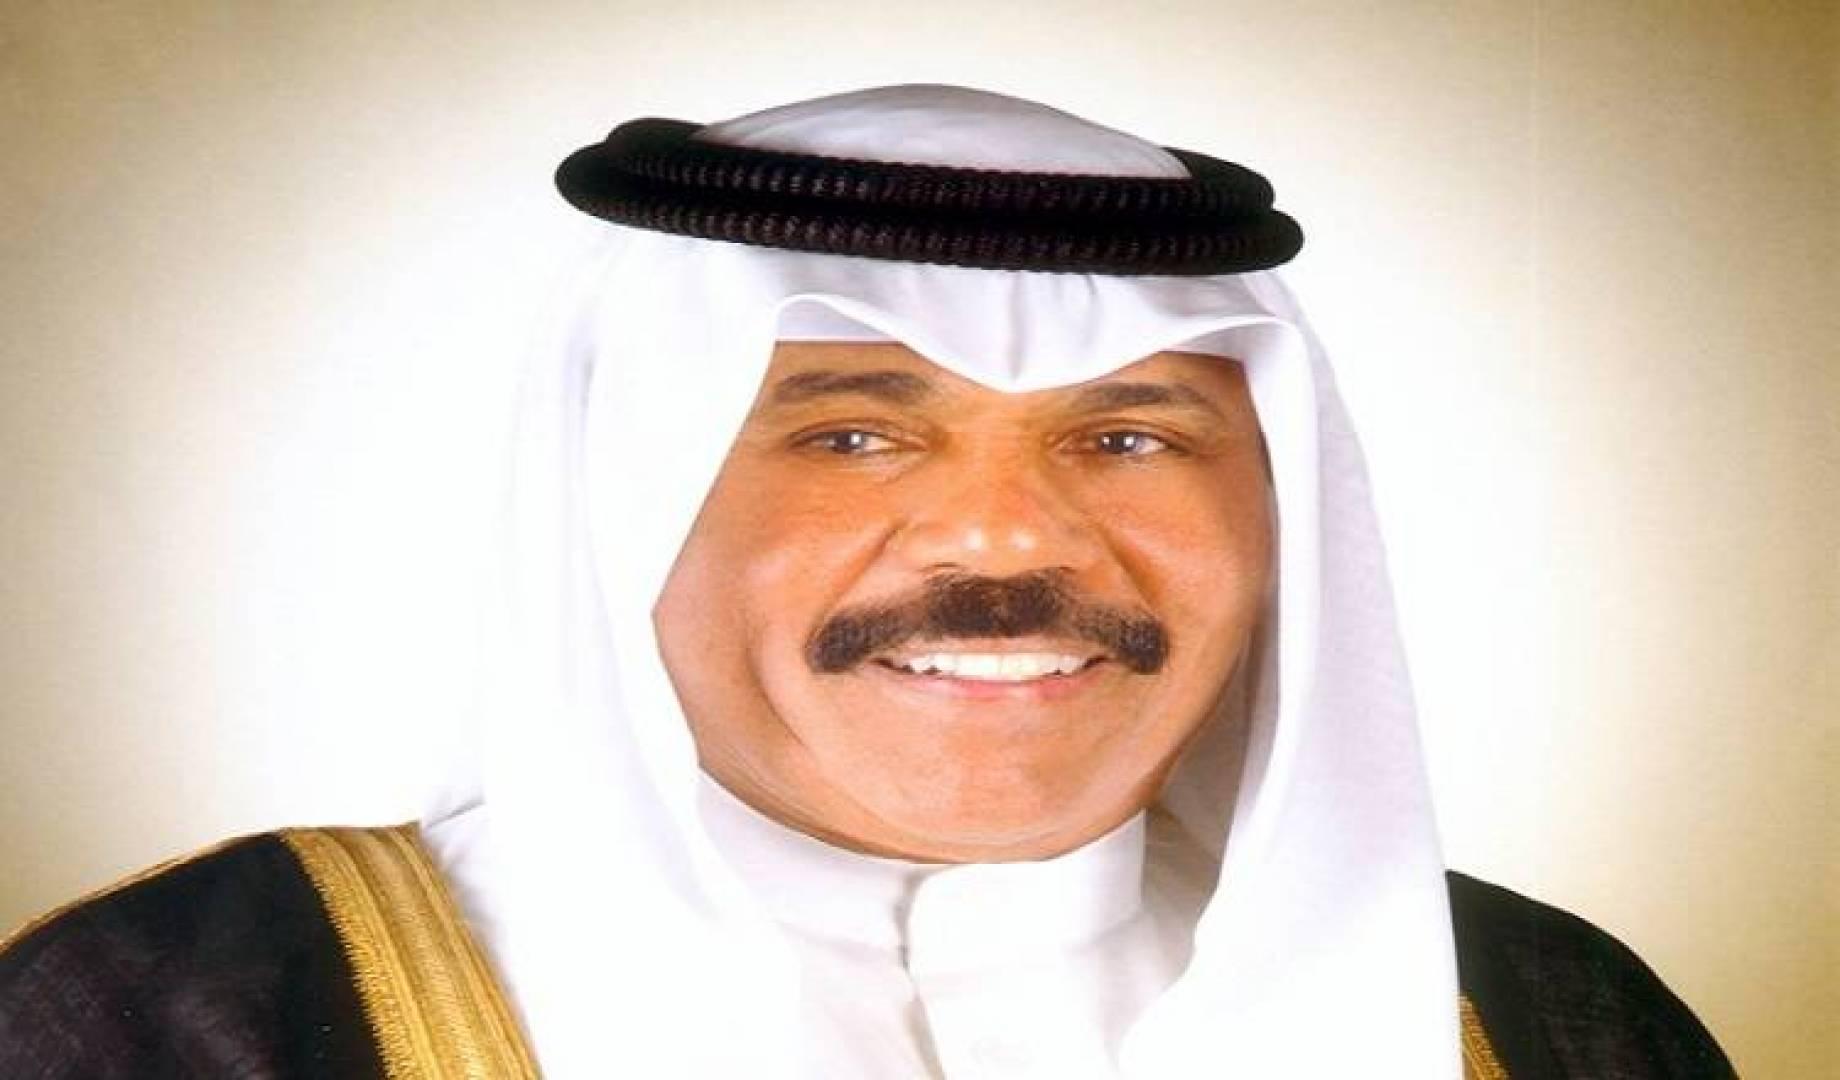 الكويت تستعين بولي العهد لممارسة بعض اختصاصات الأمير الدستورية مؤقتاً